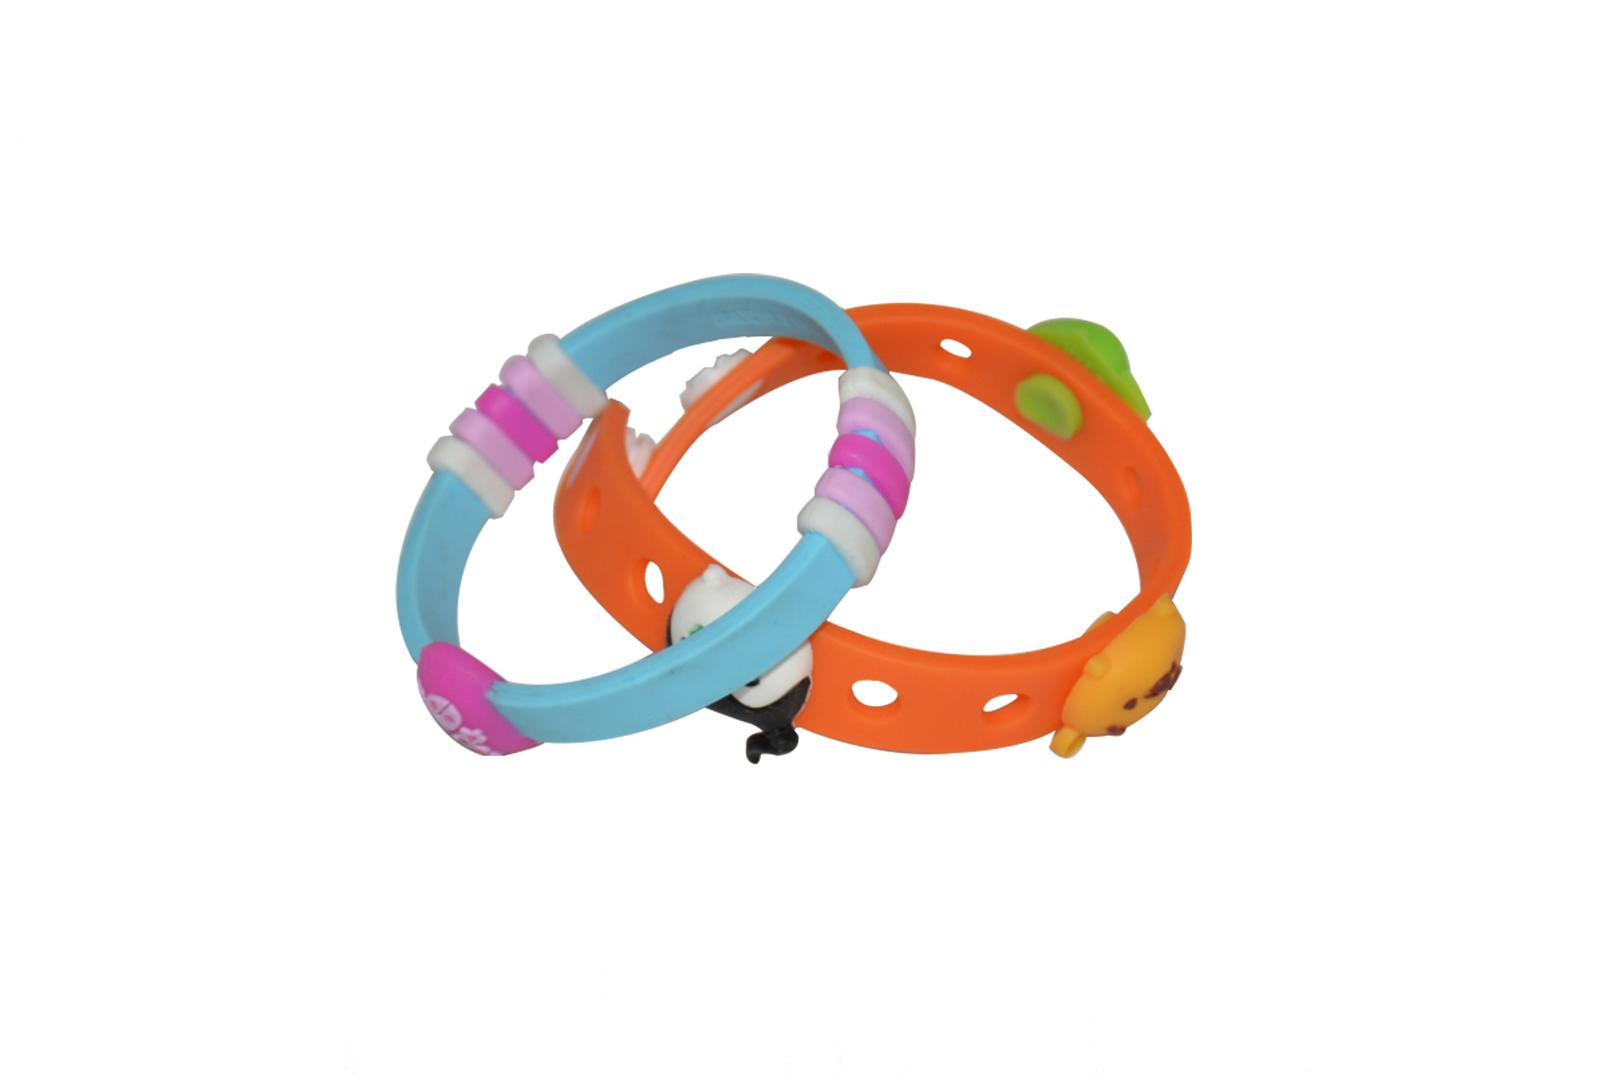 硅胶手环,硅胶手环有什么作用呢